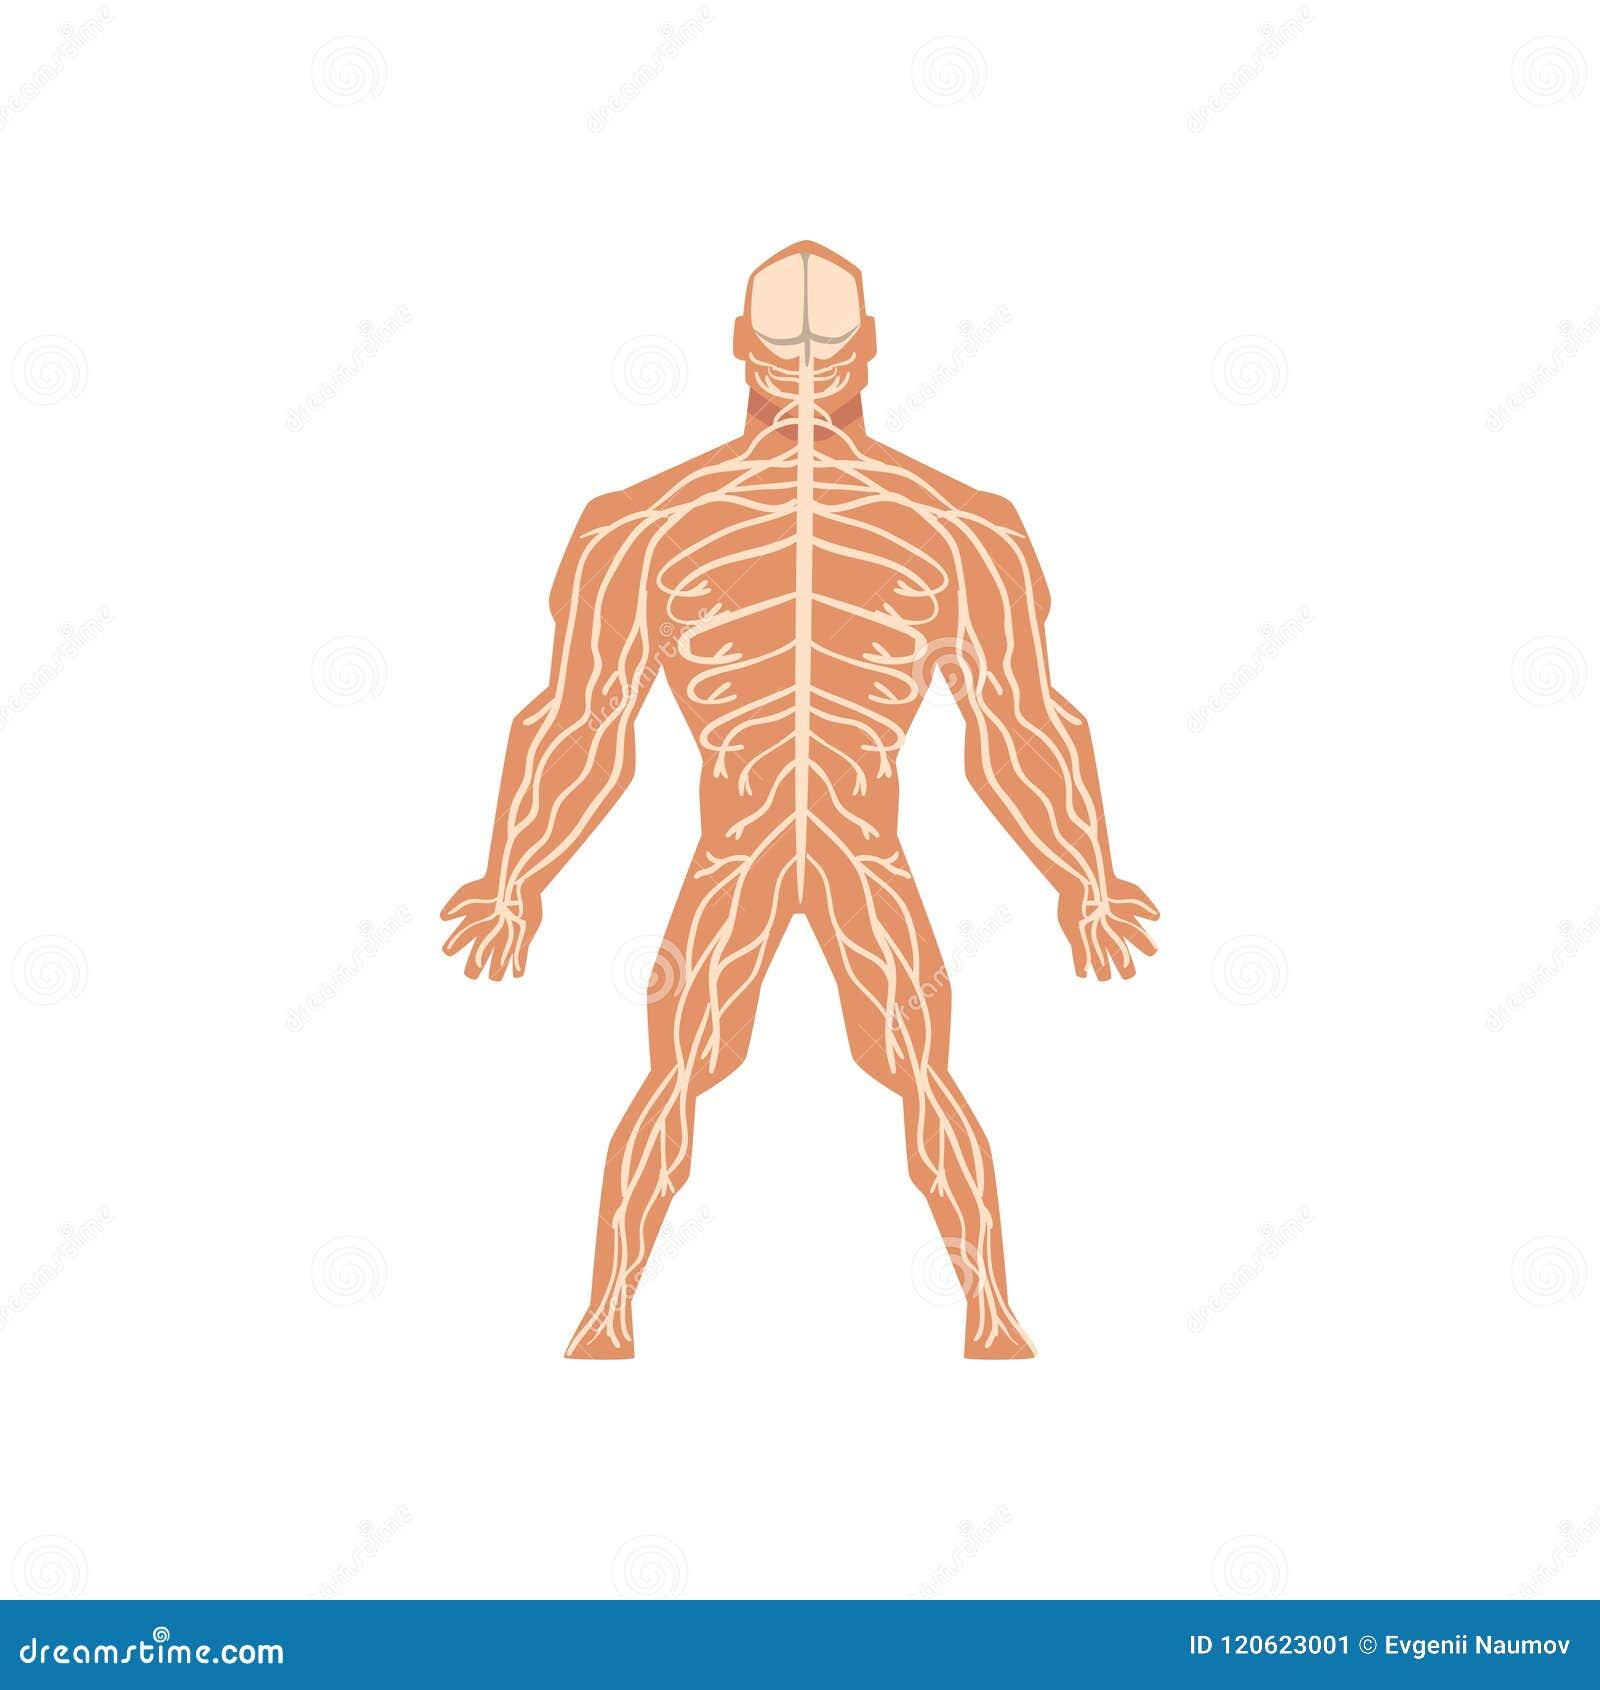 Ludzki biologiczny układ nerwowy, anatomia ciało ludzkie wektorowa ilustracja na białym tle